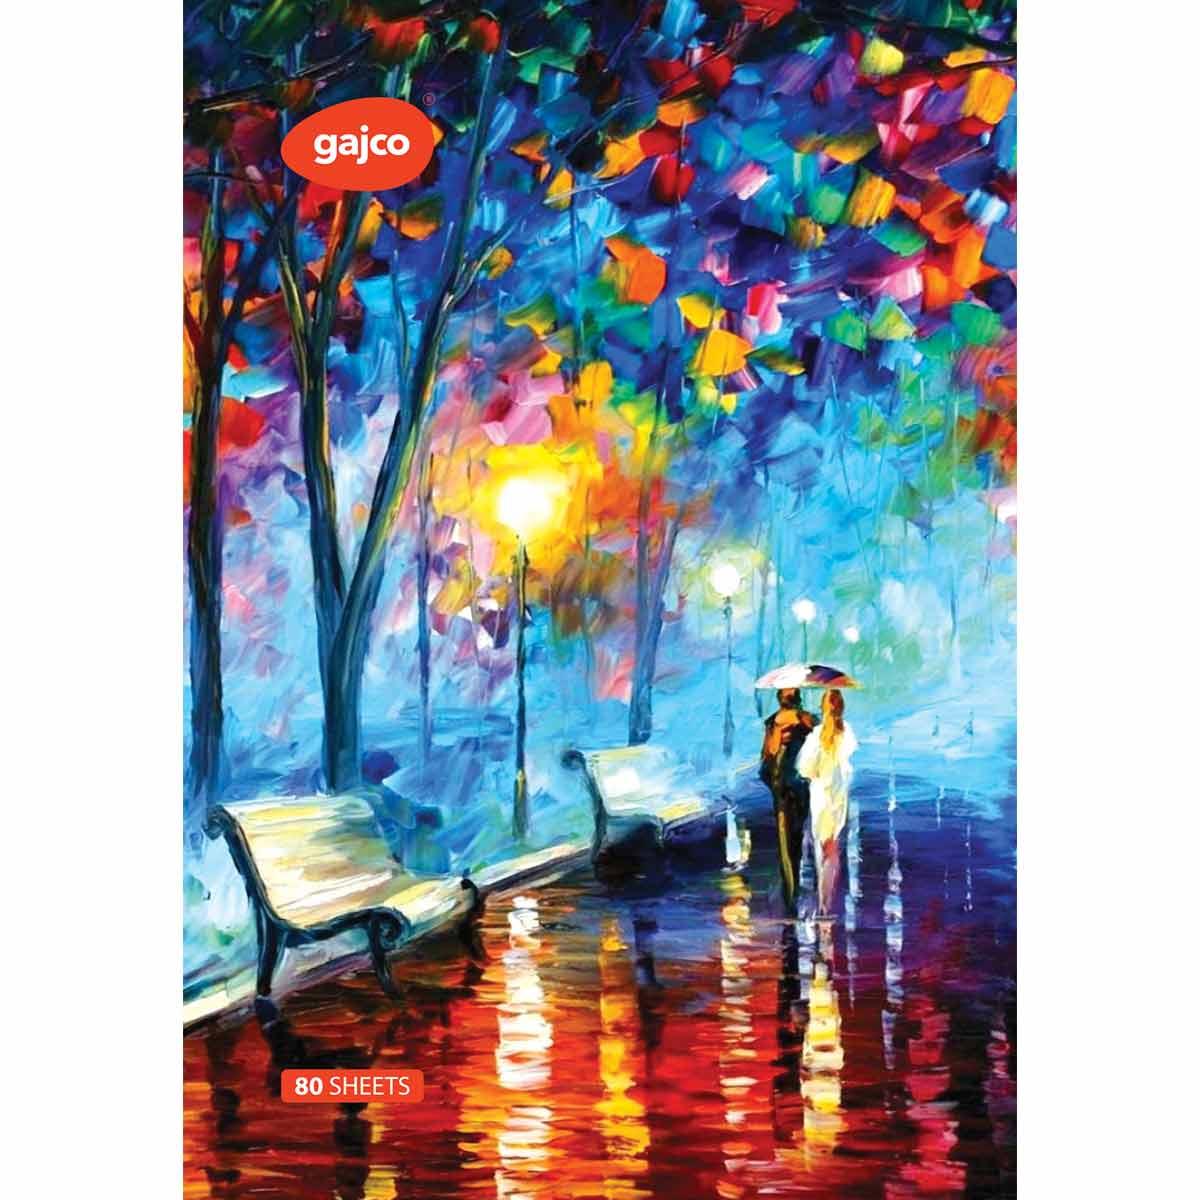 دفتر 80 برگ گاجکو طرح نقاشی عاشقان در زیر باران با رایحه شکلات